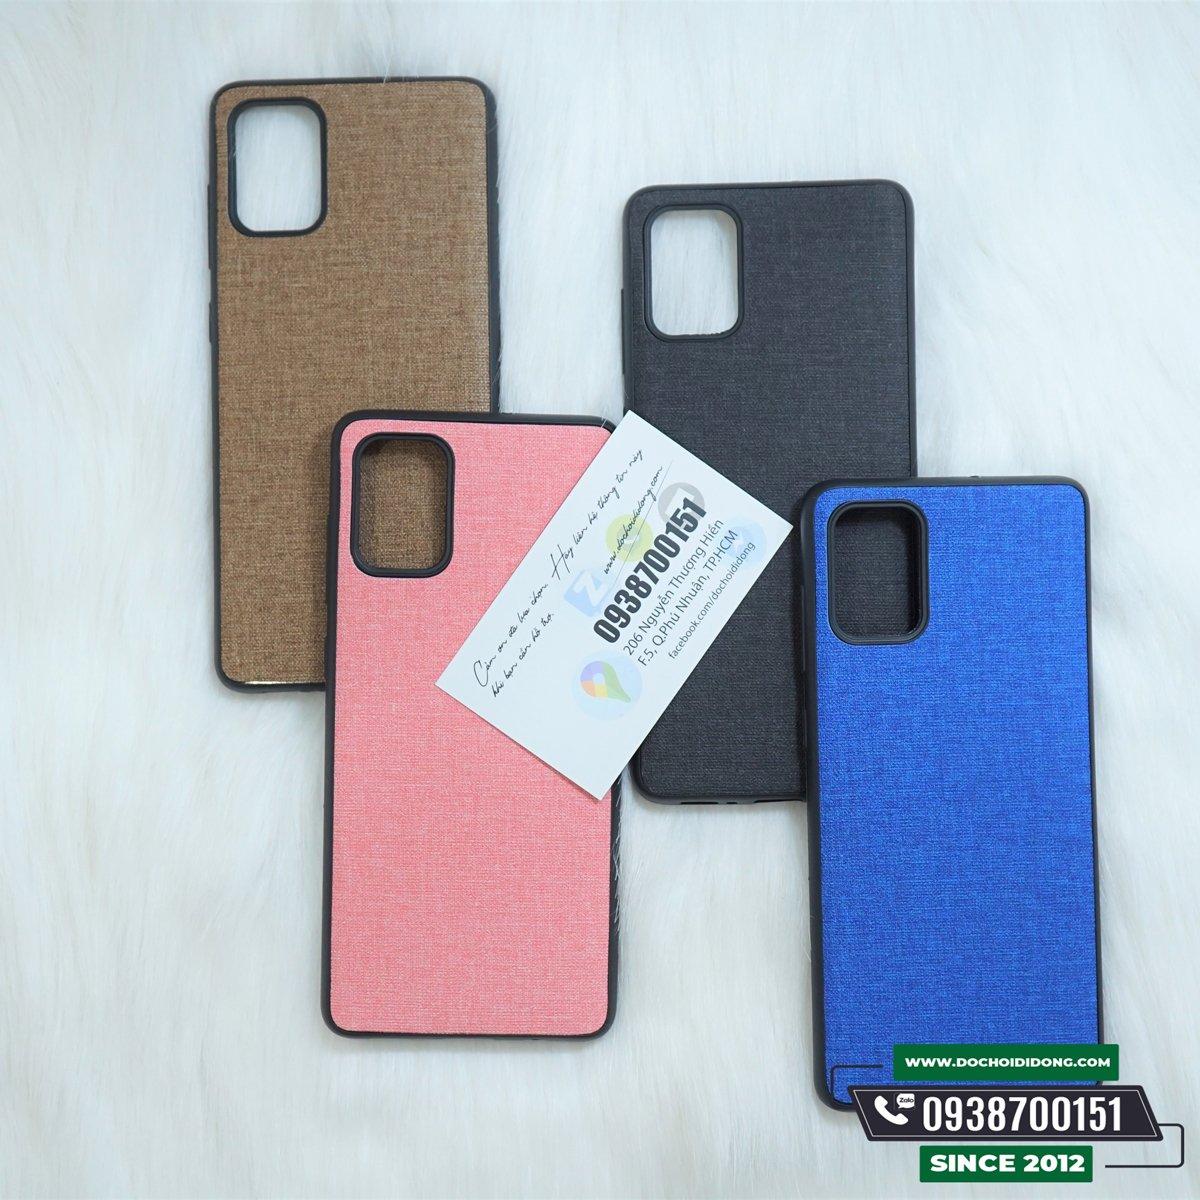 Ốp Lưng Vải Samsung A71